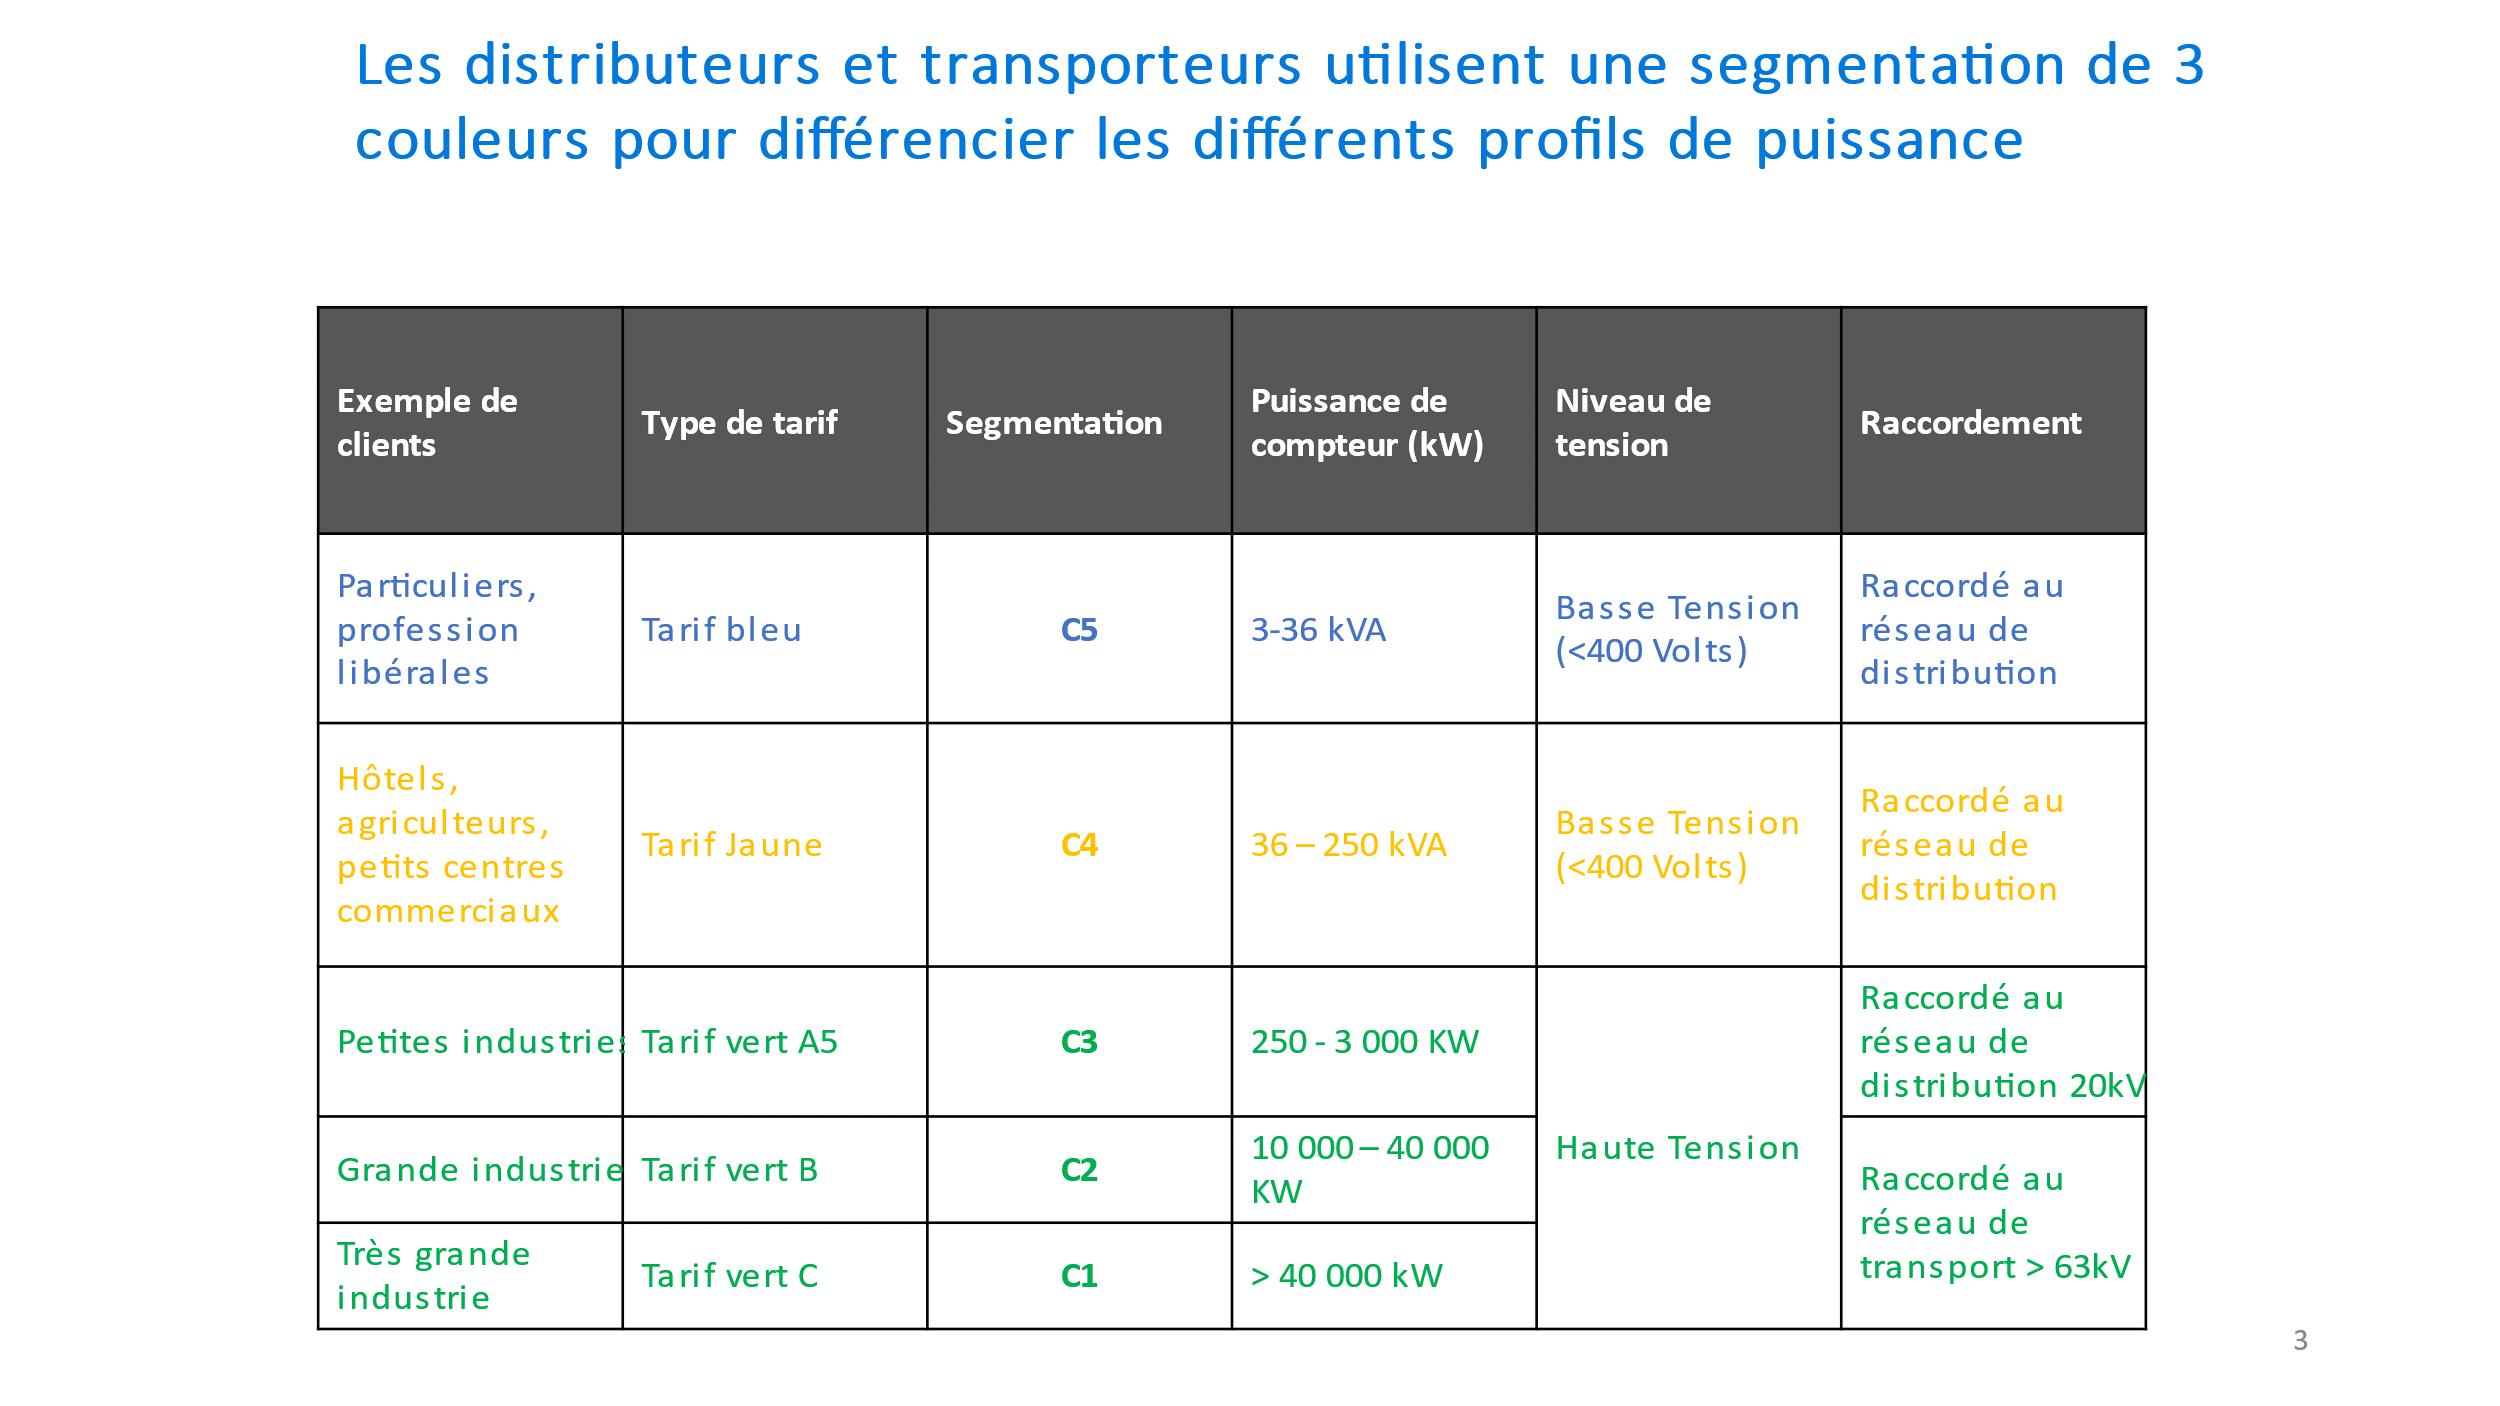 Segmentation pour différencier les profils de puissance - Source : Enedis / RTE